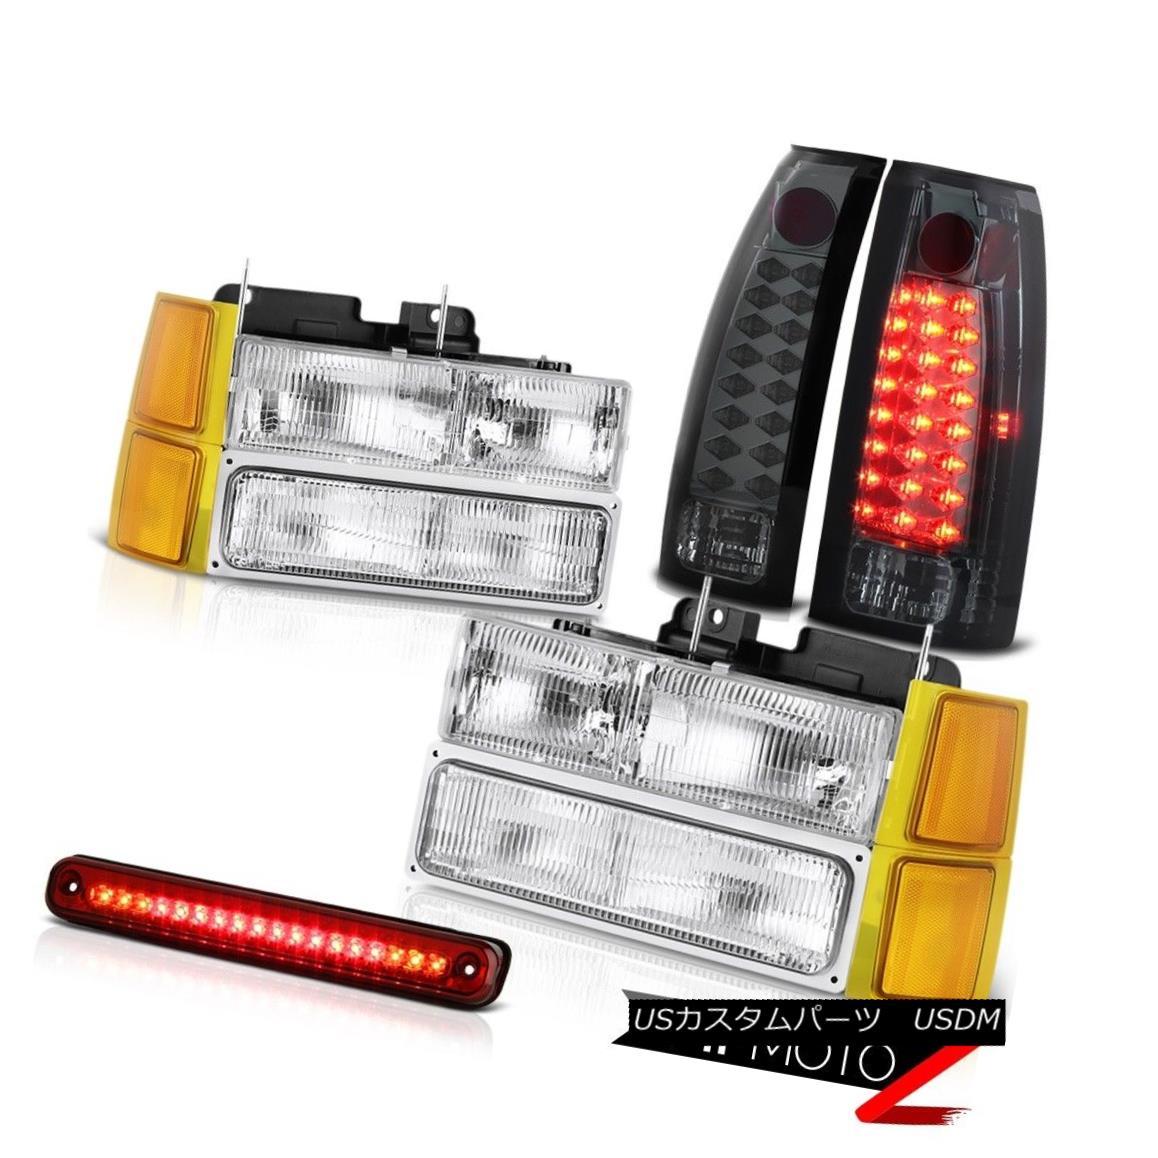 ヘッドライト 94-98 Chevy C1500 Headlamps bumper wine red roof cab lamp smoked taillamps LED 94-98シボレーC1500ヘッドランプバンパーワインレッド屋根キャブランプ燻製テールランプLED